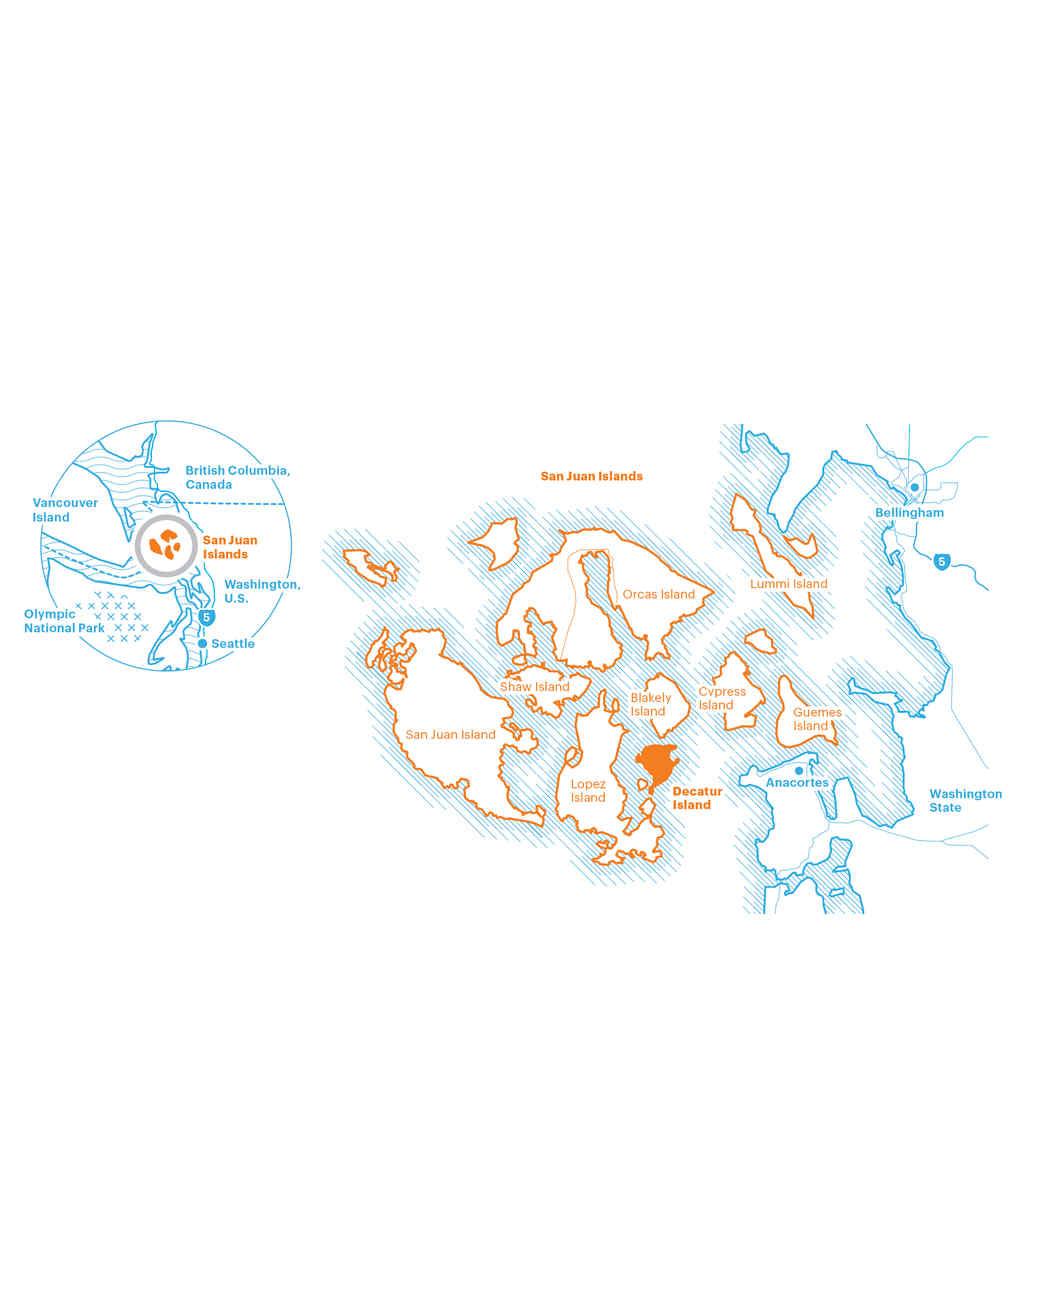 decatur-map-i112176.jpg